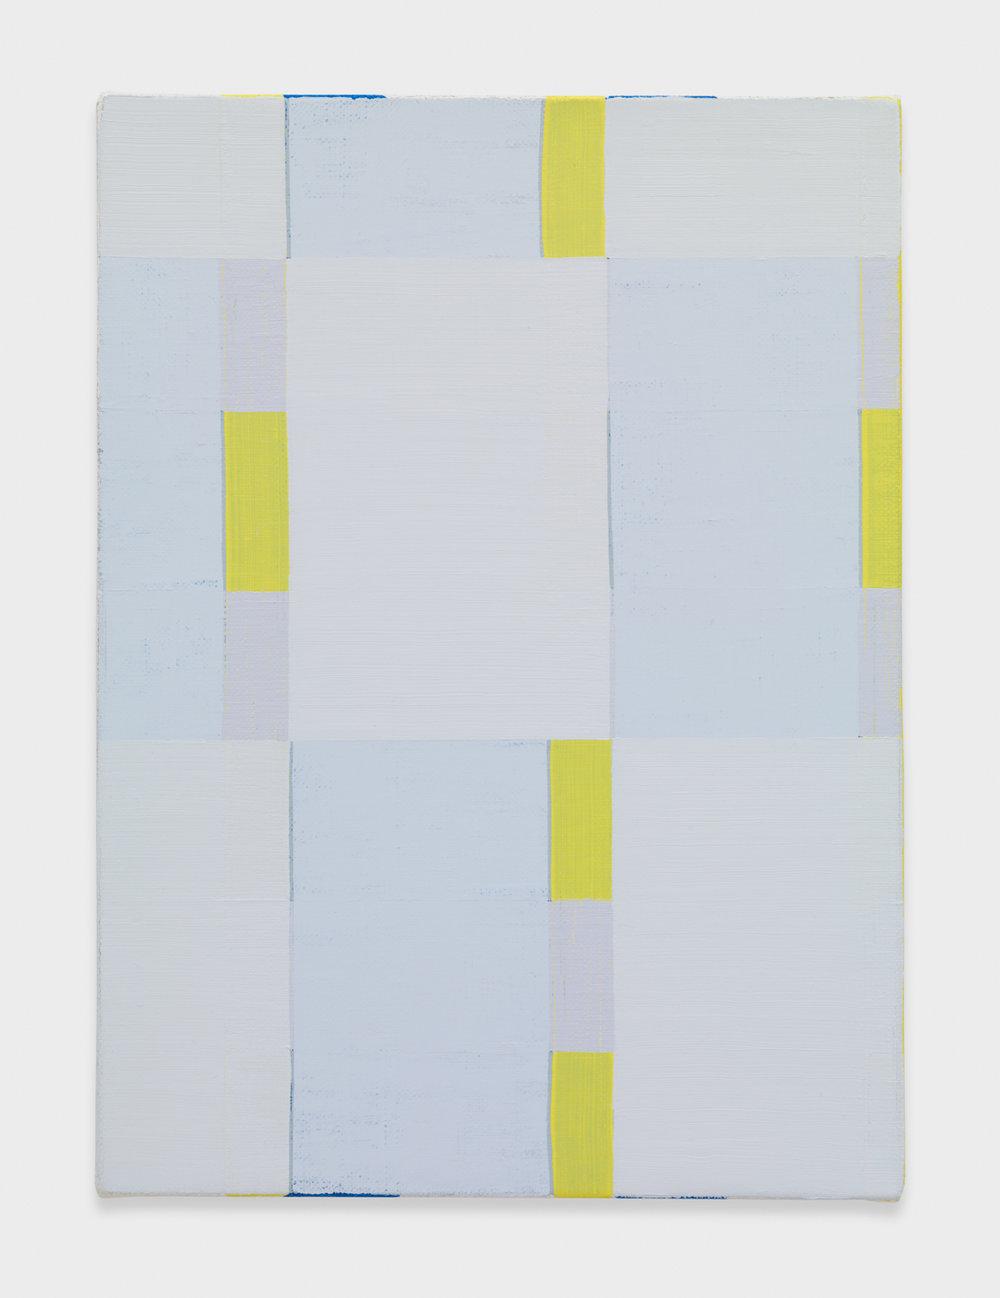 Yui Yaegashi  Untitled  2016 Oil on canvas 9 ¾h x 13 ¼w in YY088